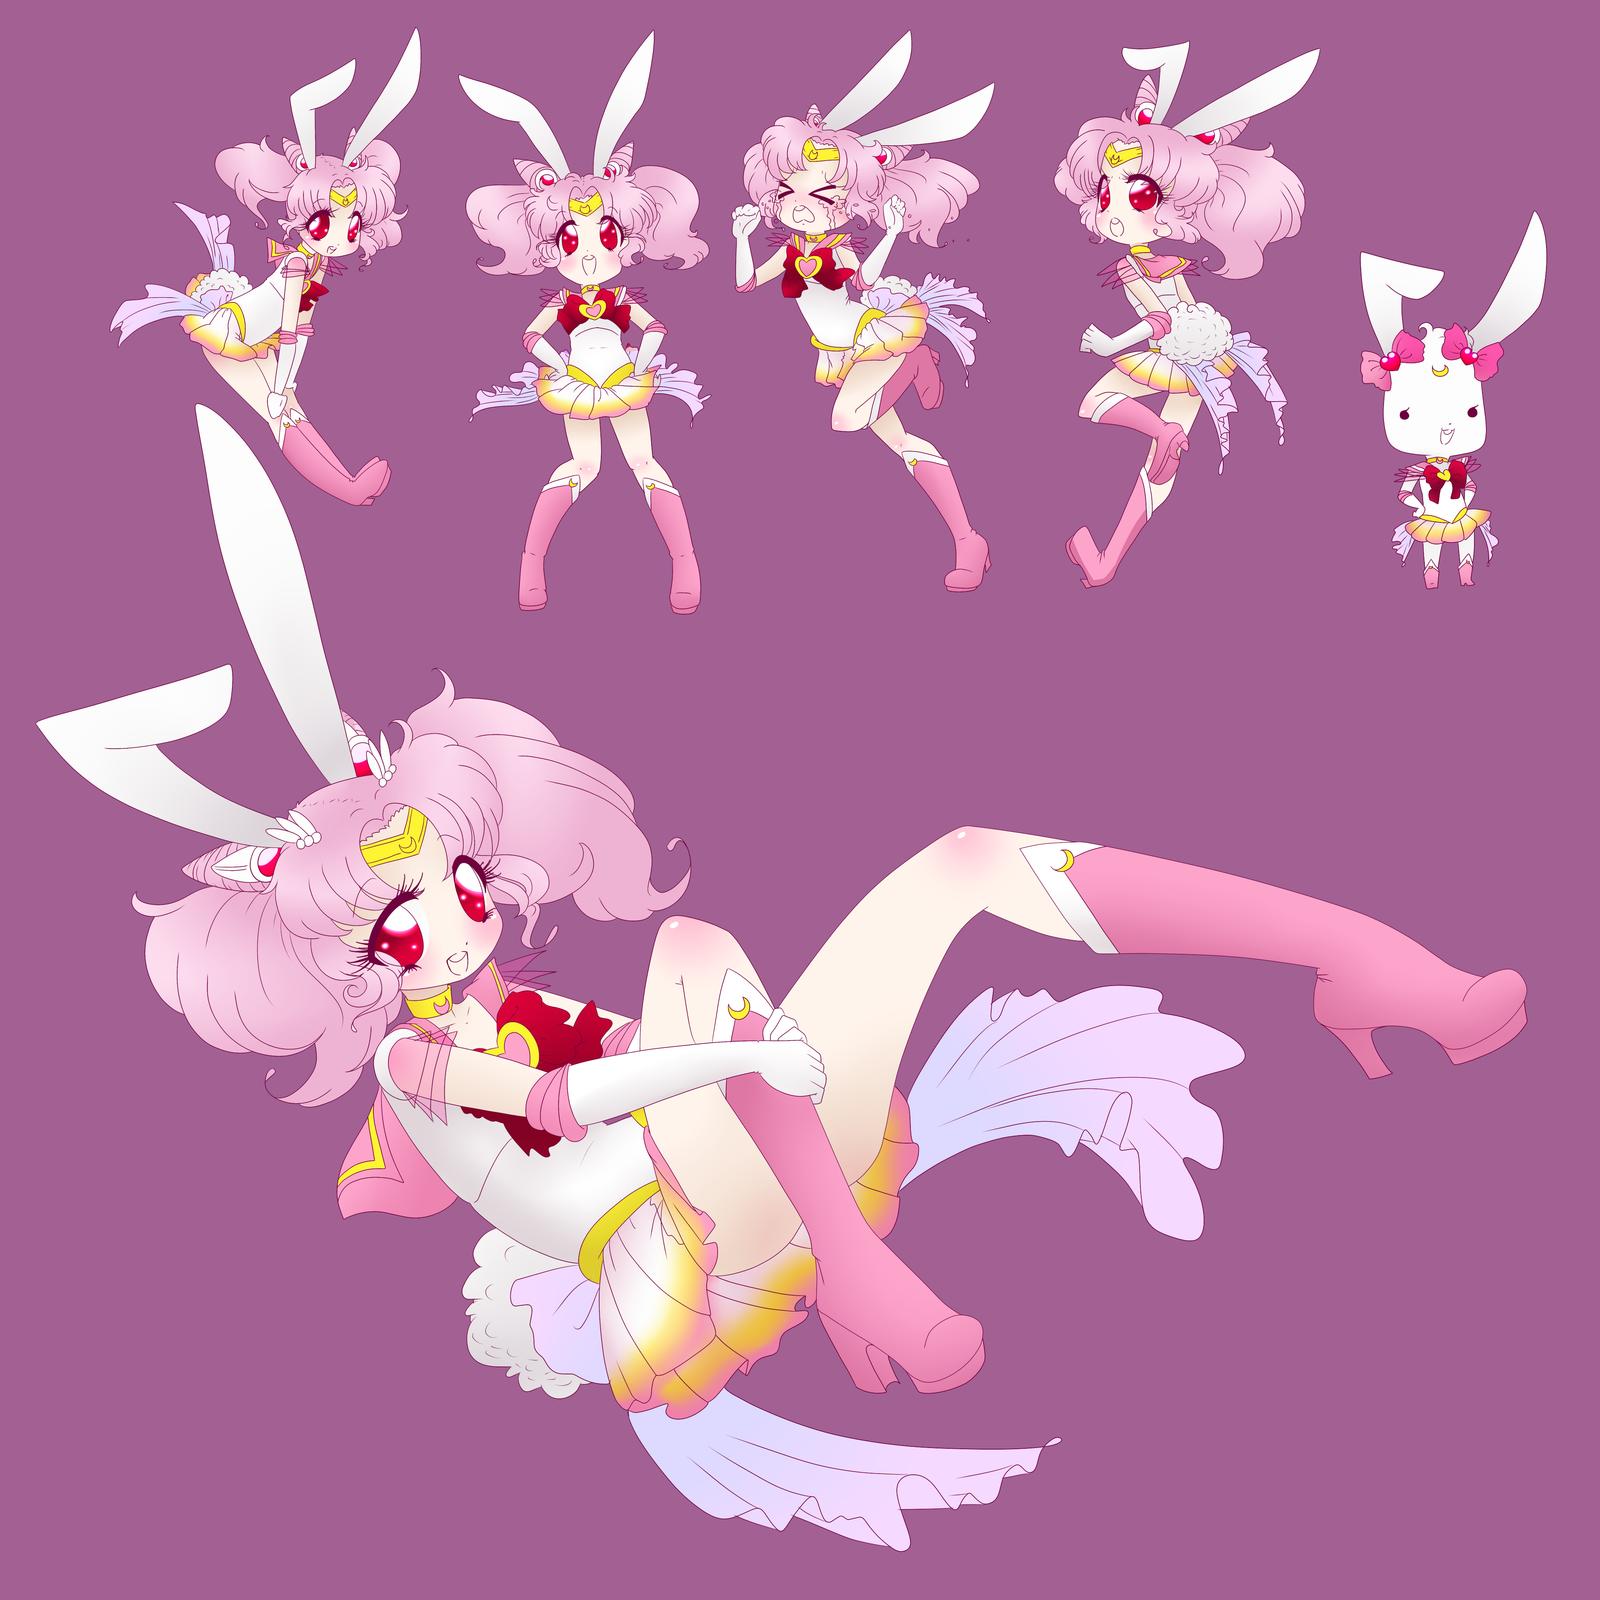 চিবি moon bunny